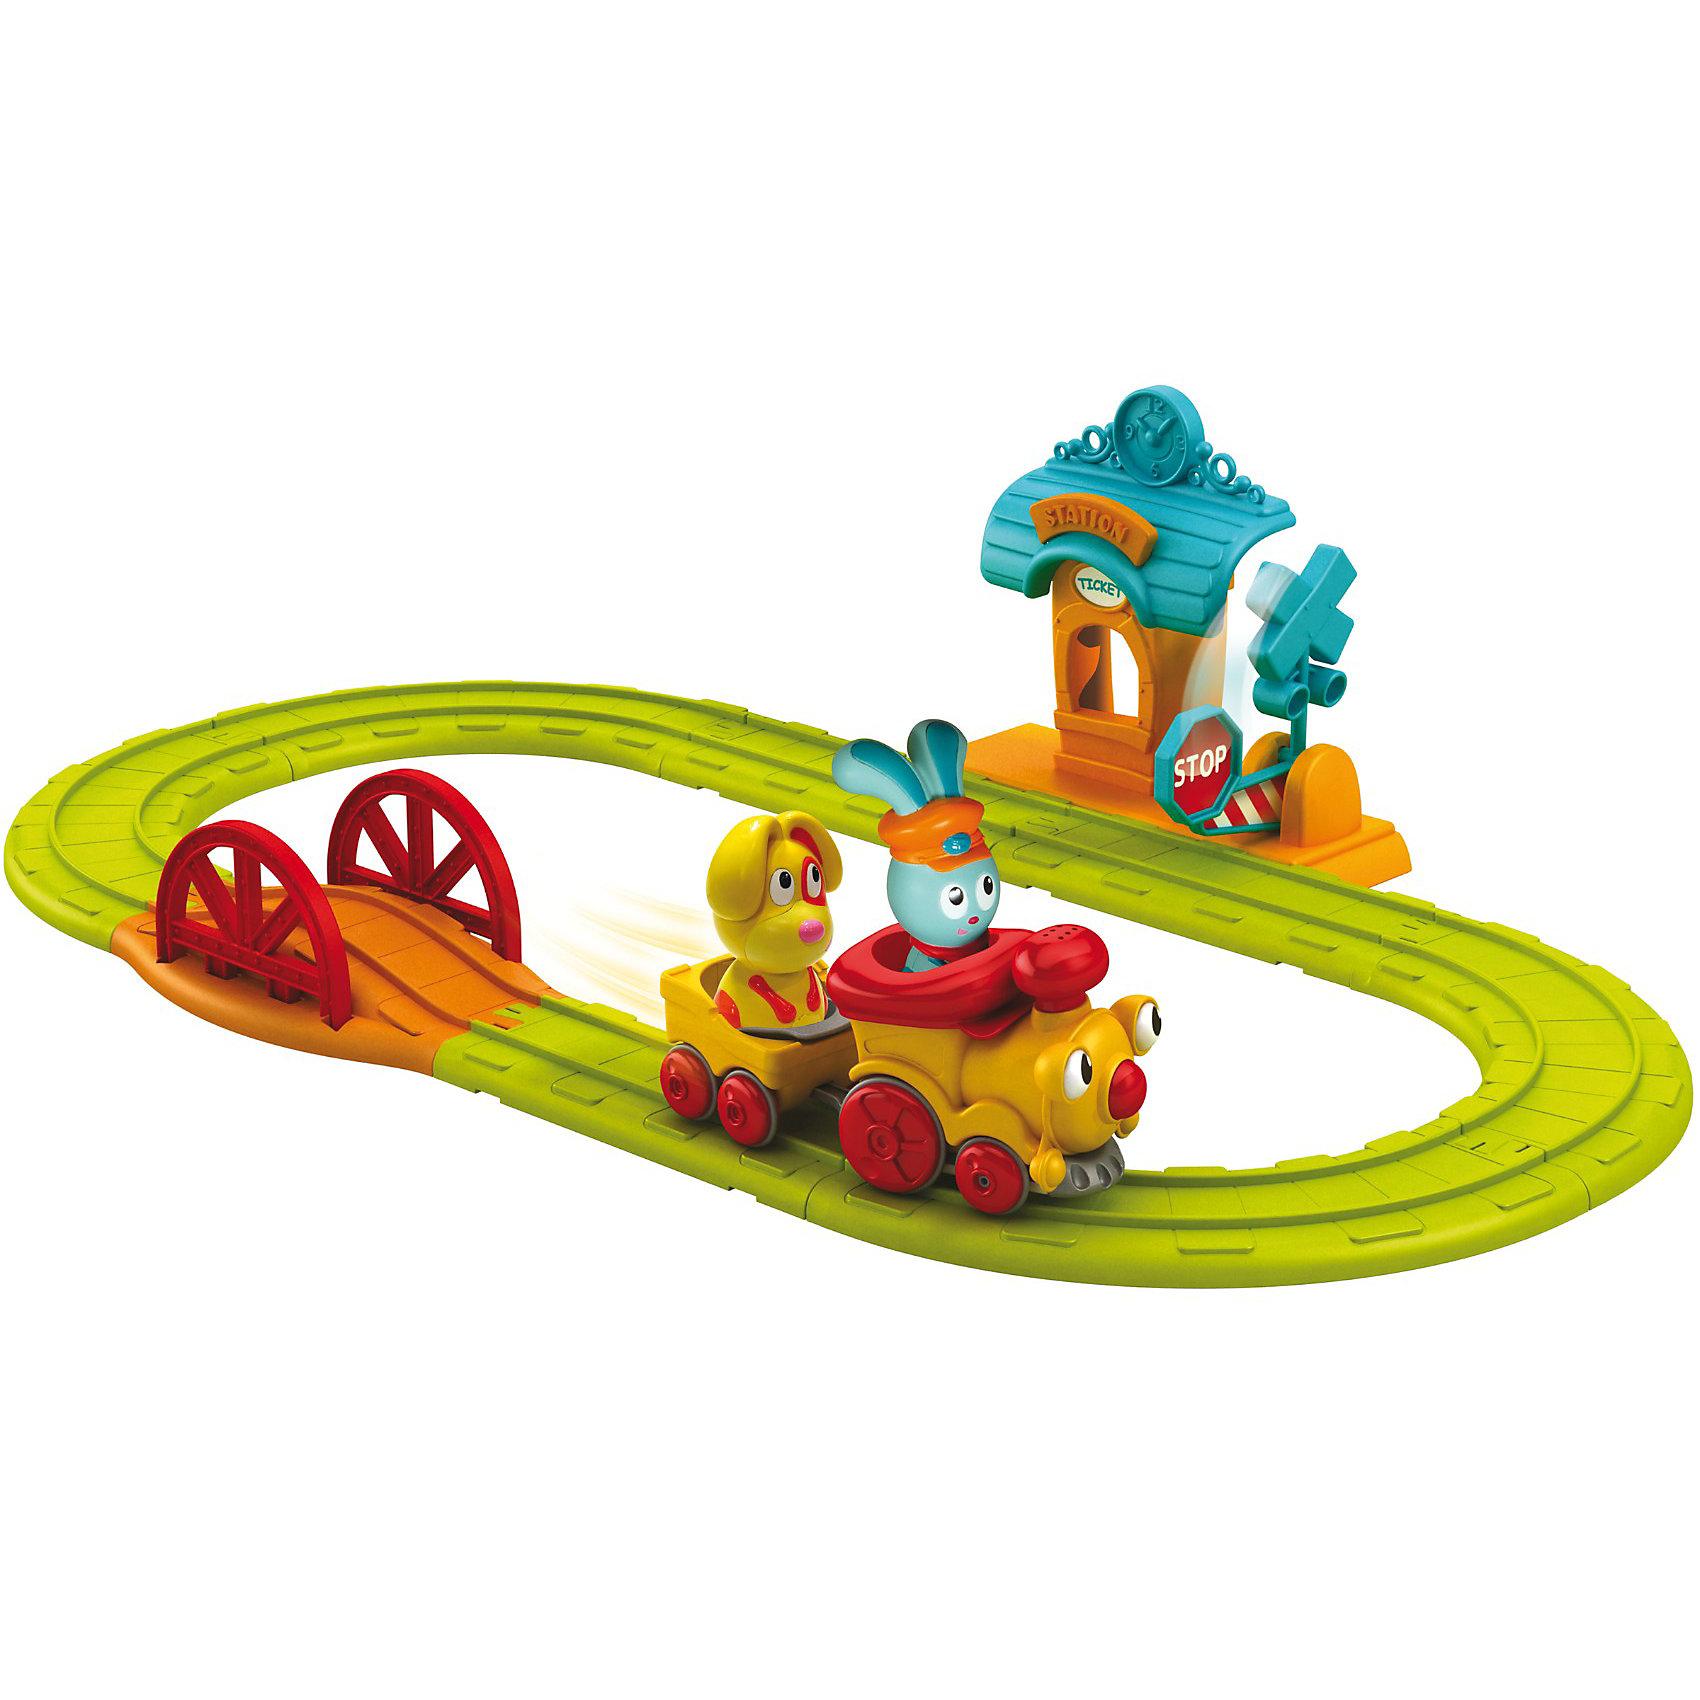 Ouaps Игровой набор Бани - железная дорога, Ouaps